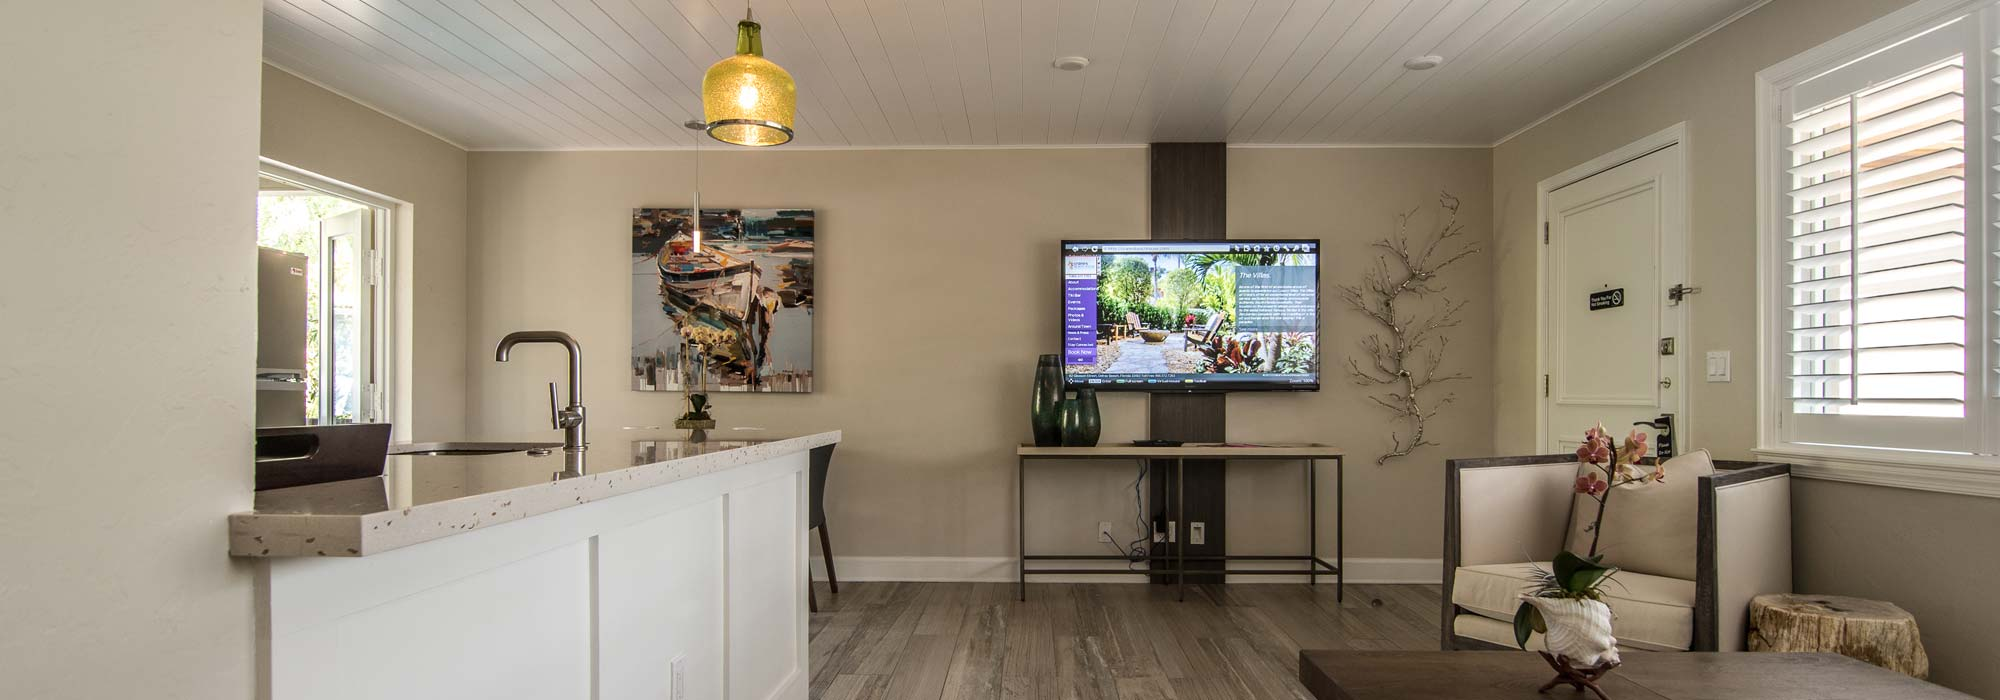 Luxury Villa Living Area and Full Kitchen